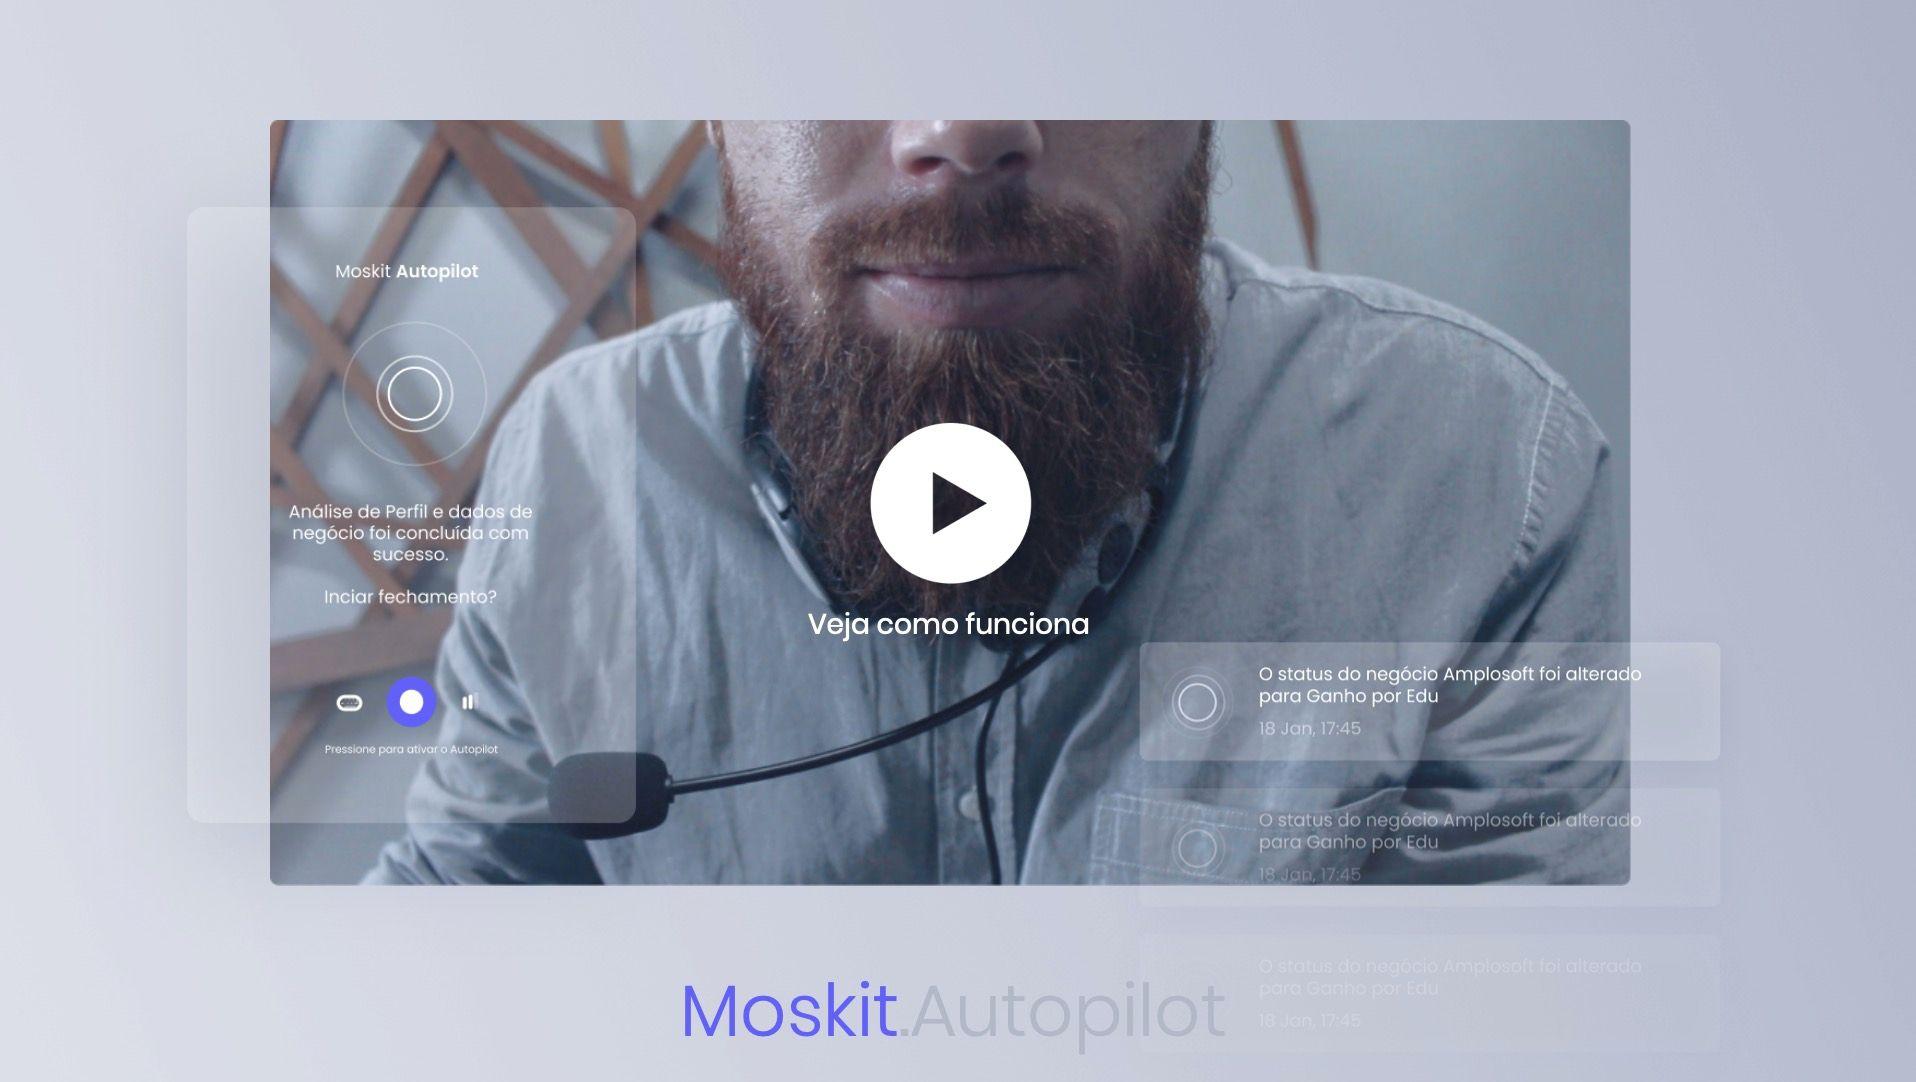 Moskit Autopilot: nosso feliz 1º de Abril